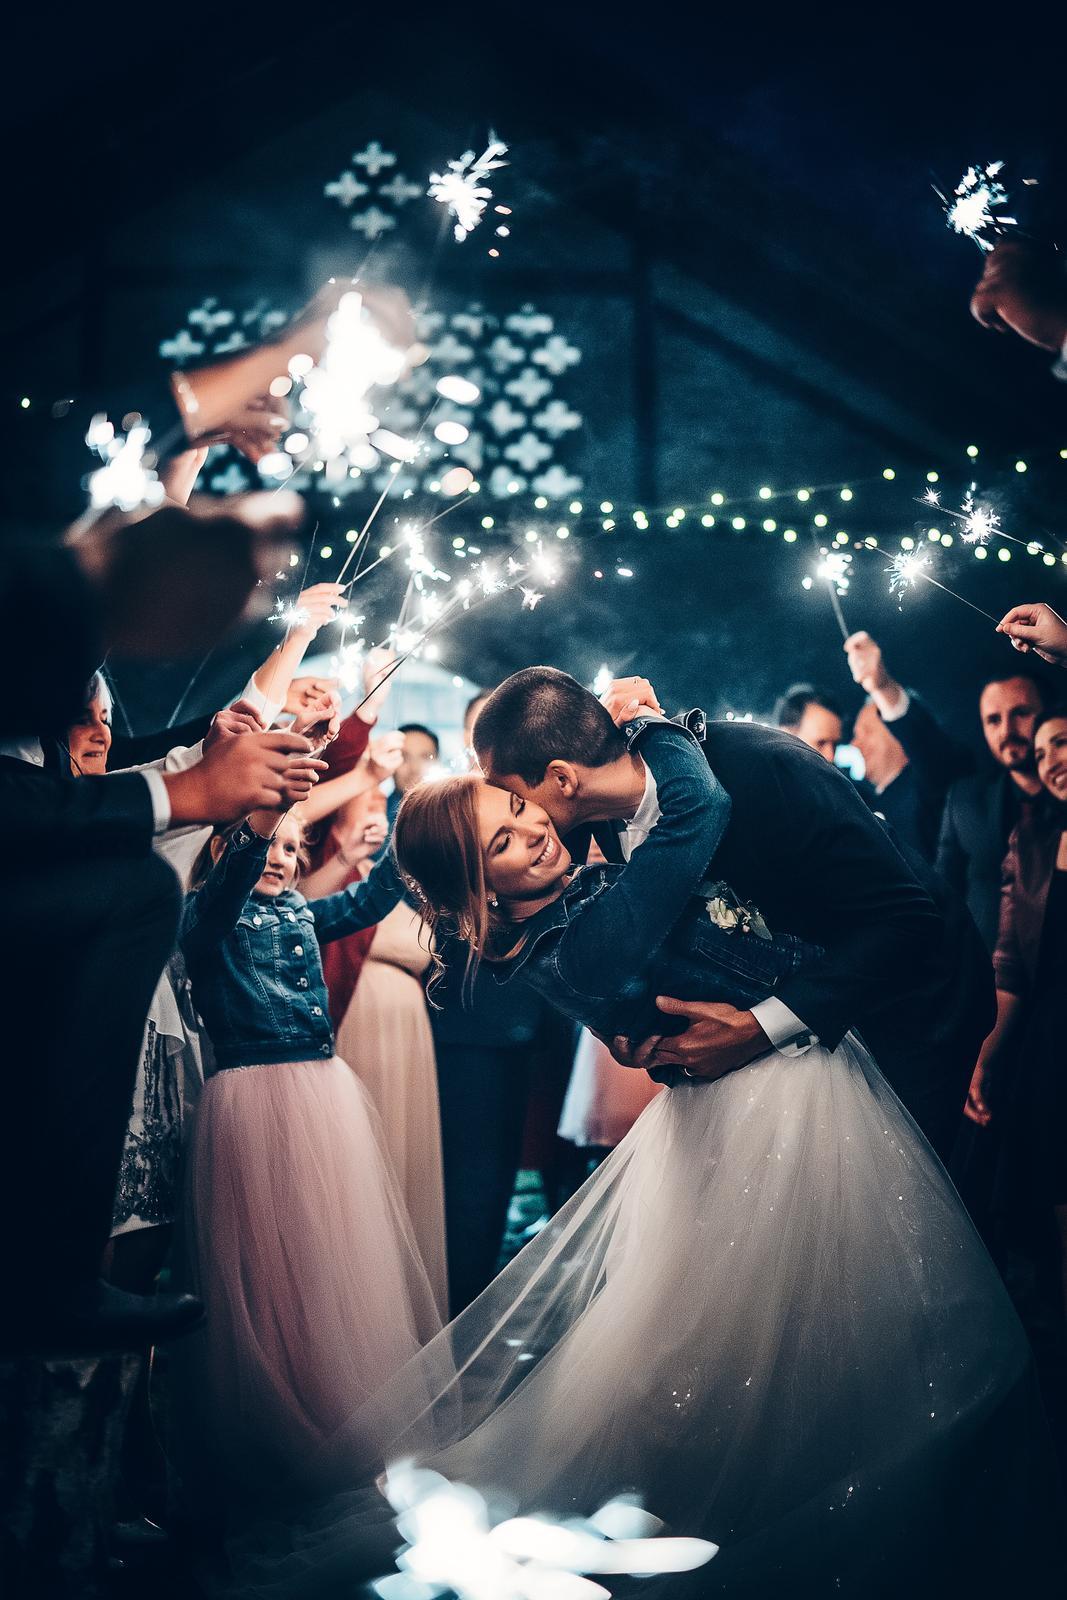 Krásný den,  kdybych nevěstu zaujala... - Obrázek č. 1